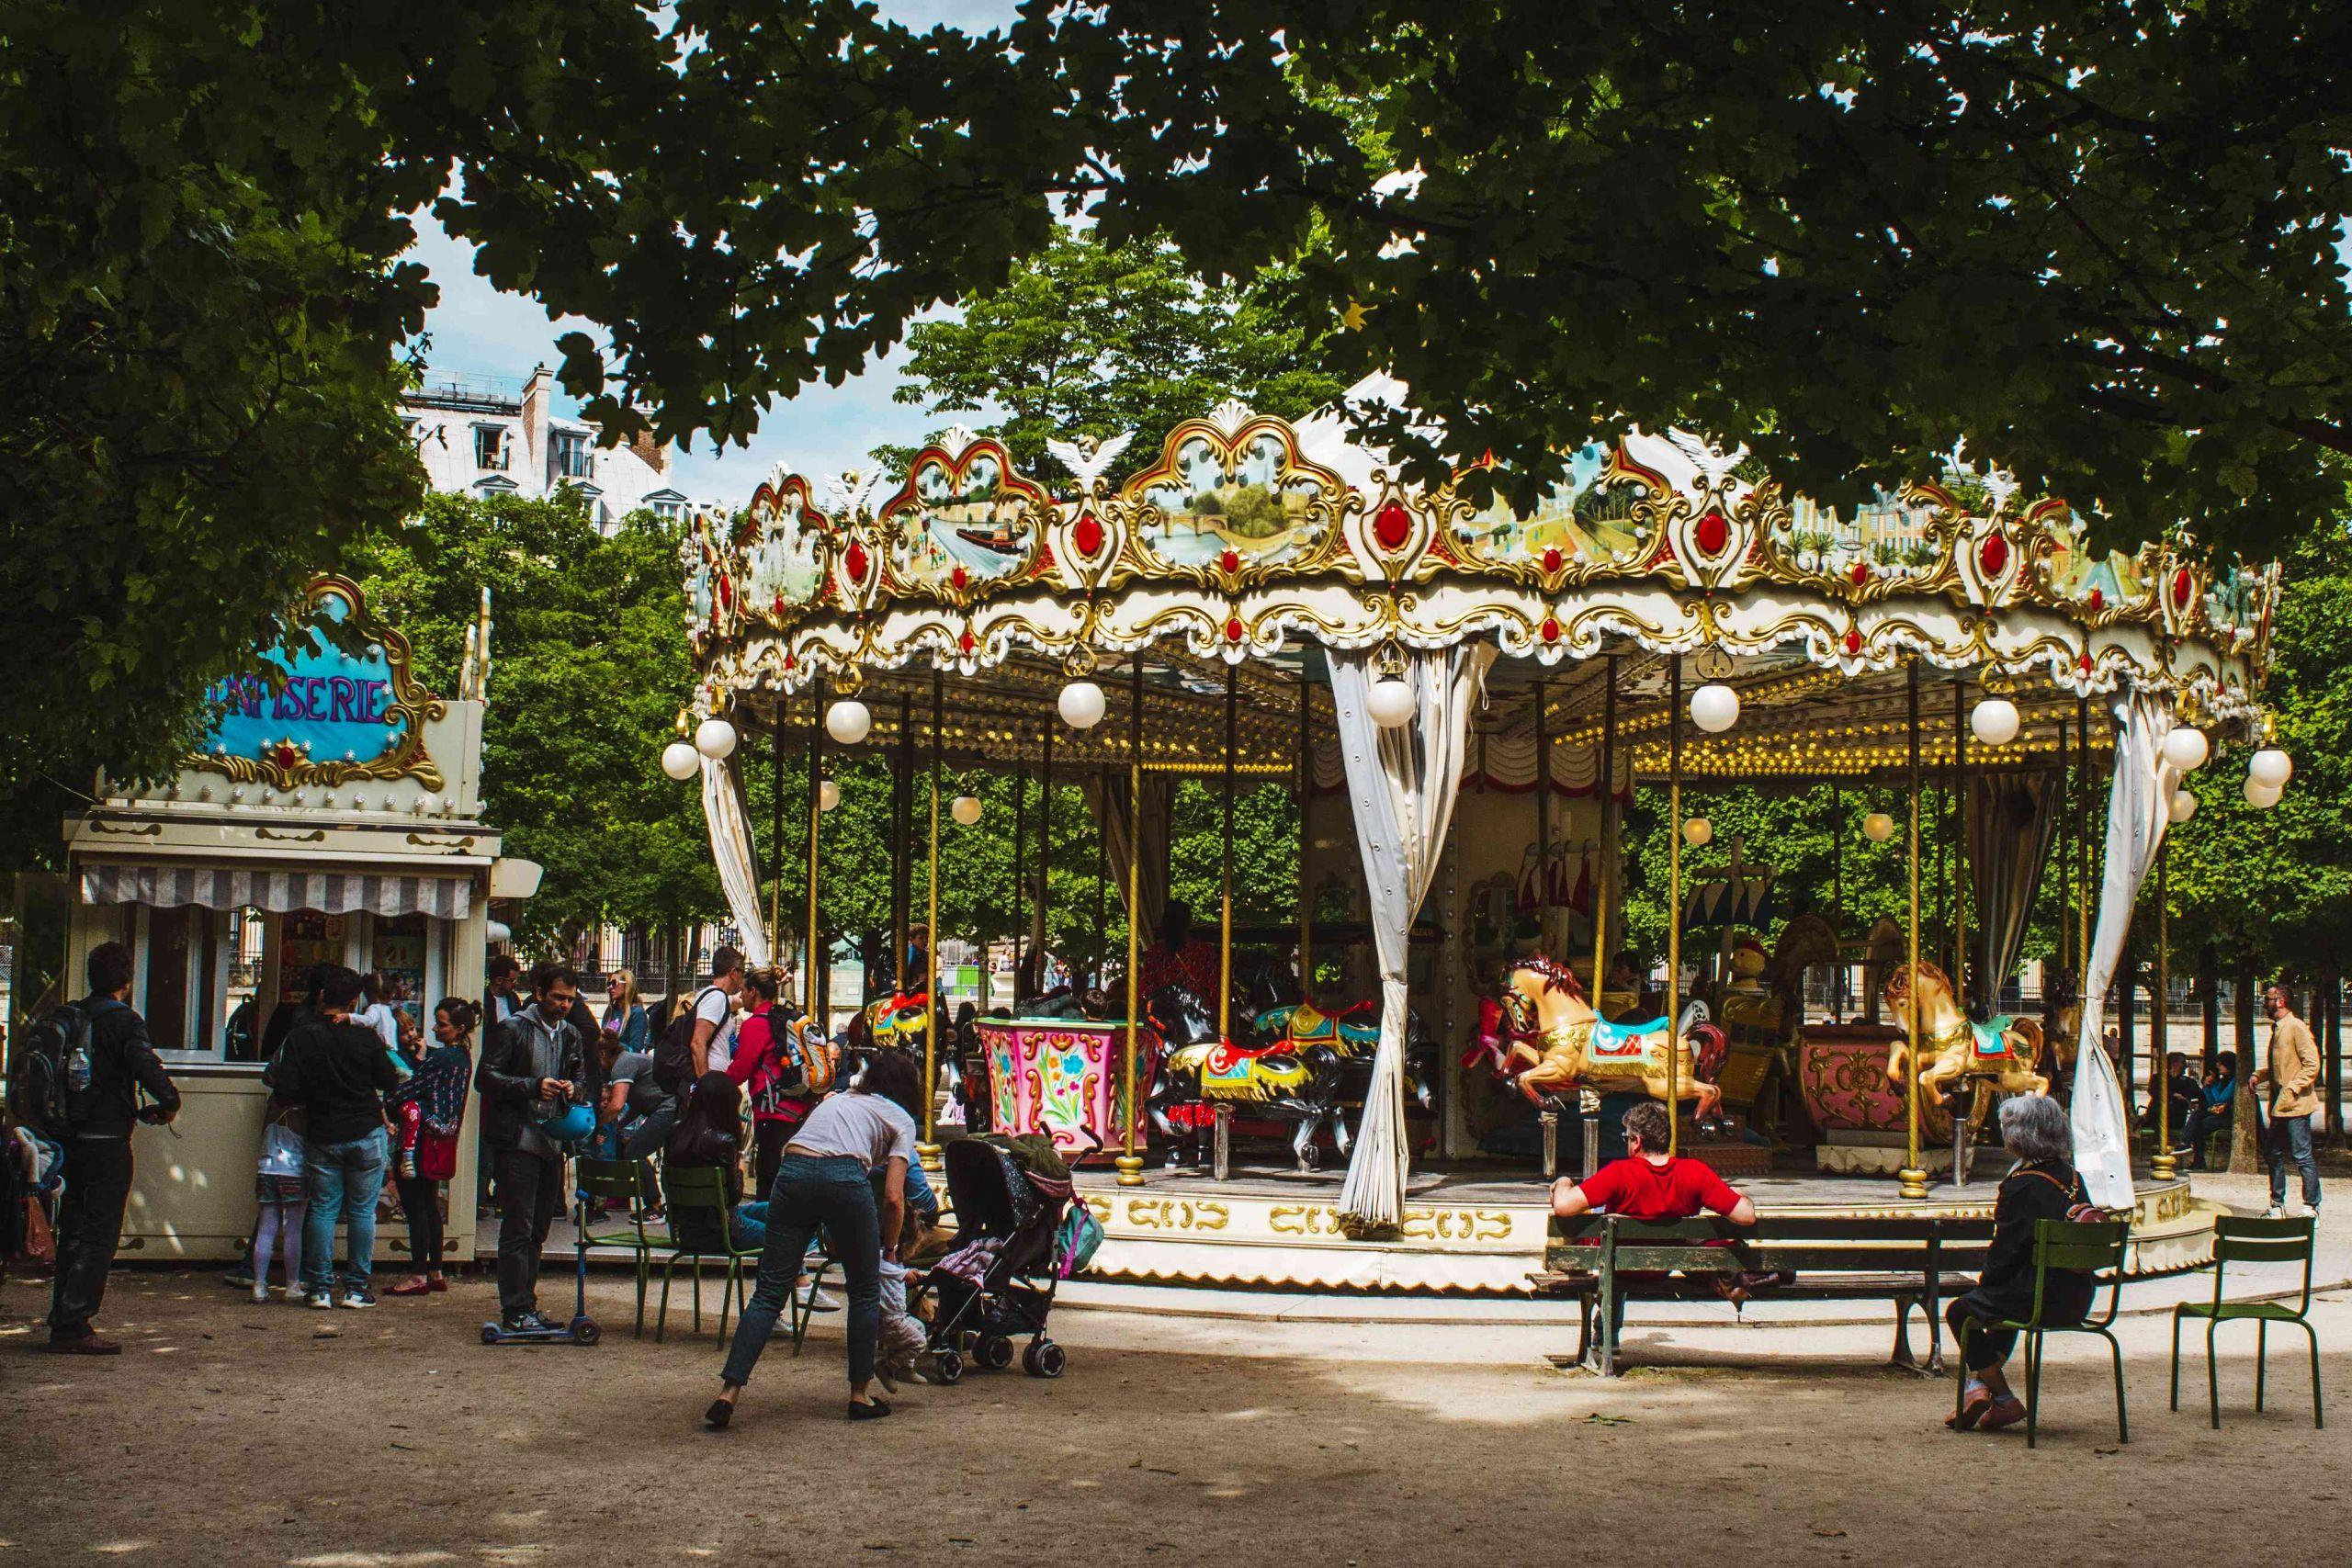 Le Jardin De Marie Nouveau 11 Best Parks and Gardens In Paris Tranquil Havens